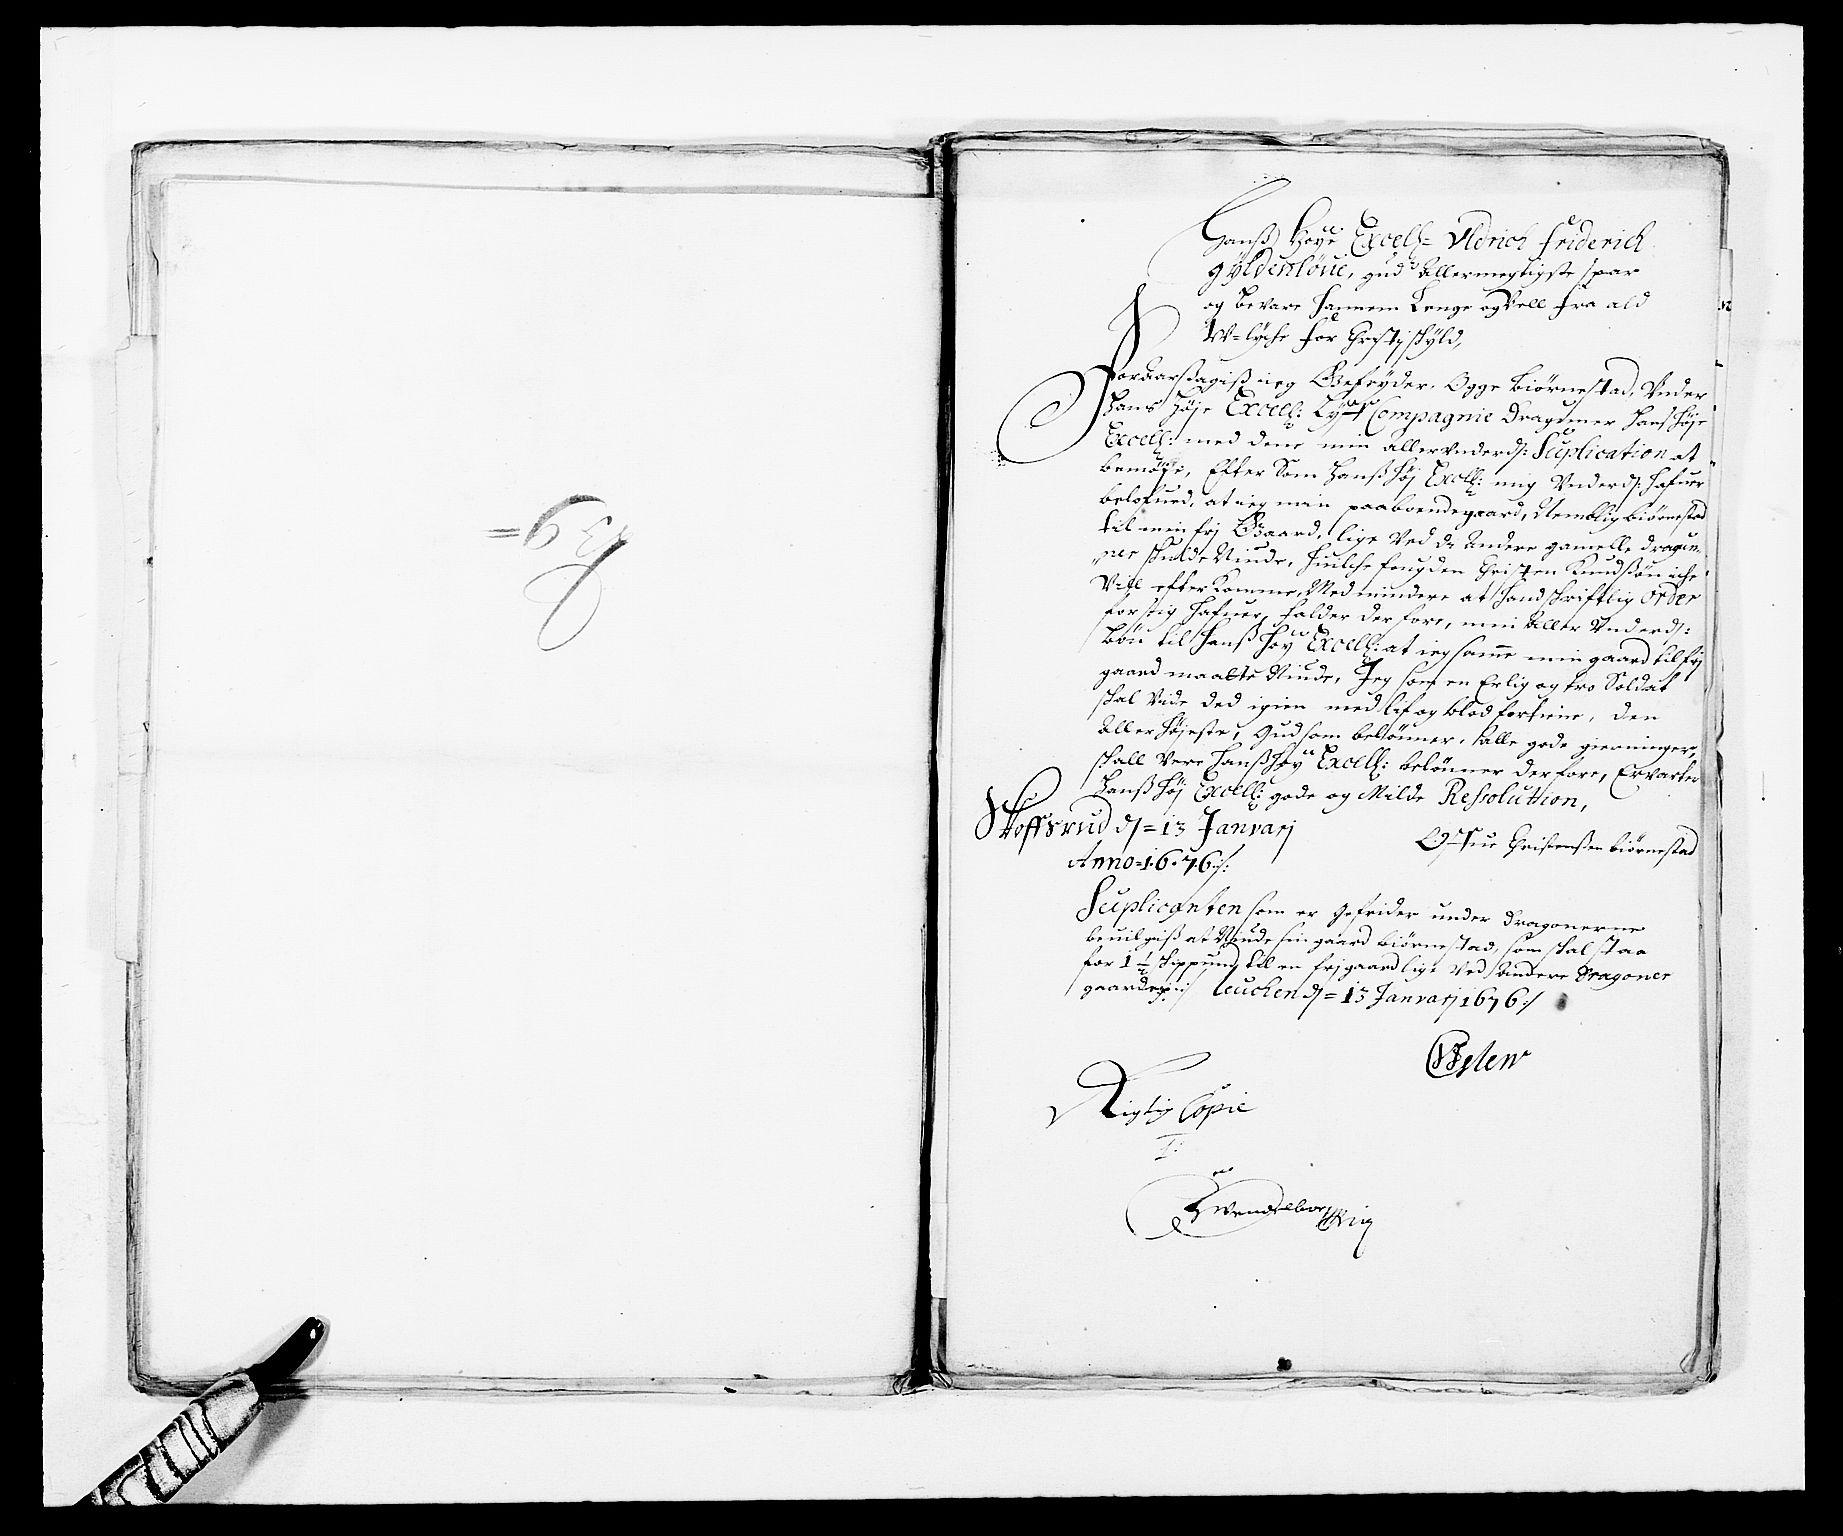 RA, Rentekammeret inntil 1814, Reviderte regnskaper, Fogderegnskap, R06/L0281: Fogderegnskap Heggen og Frøland, 1678-1686, s. 173